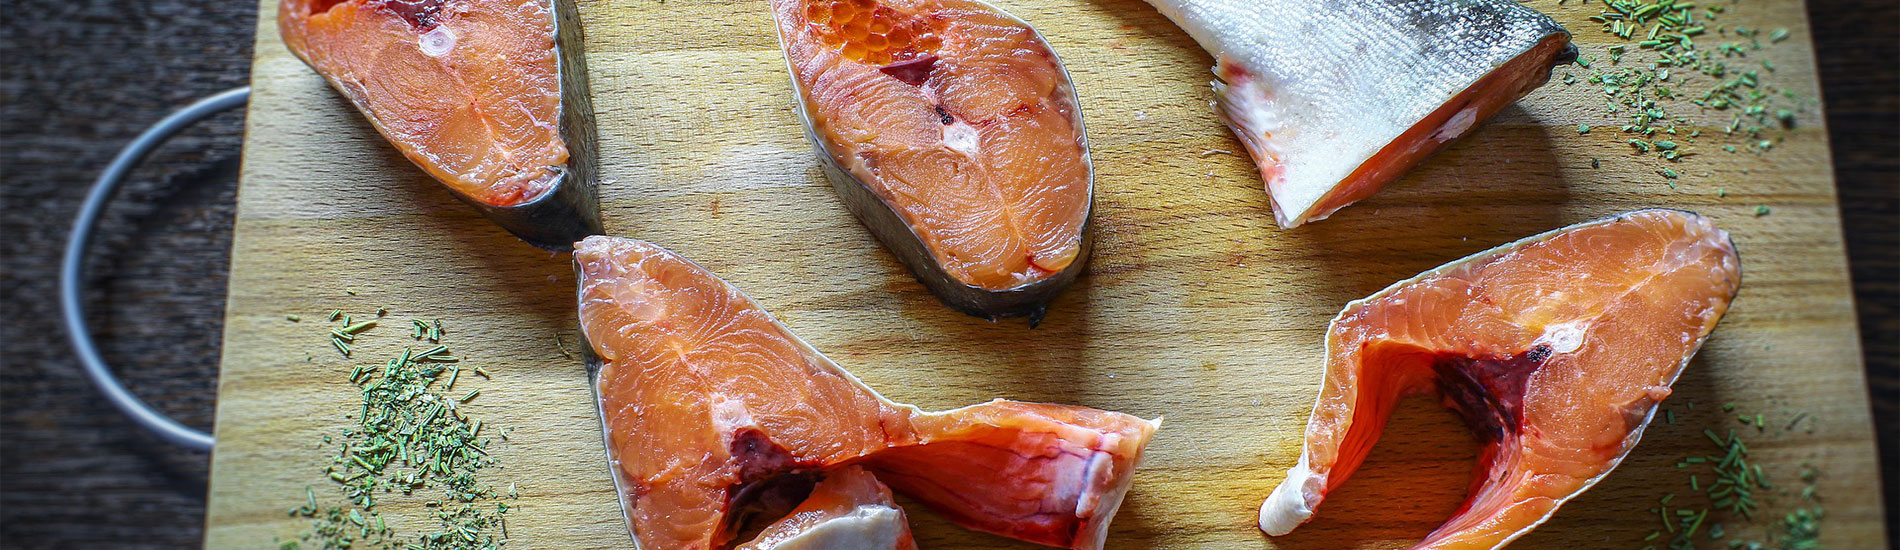 Τροφές «ασπίδα» κατά της χοληστερίνης